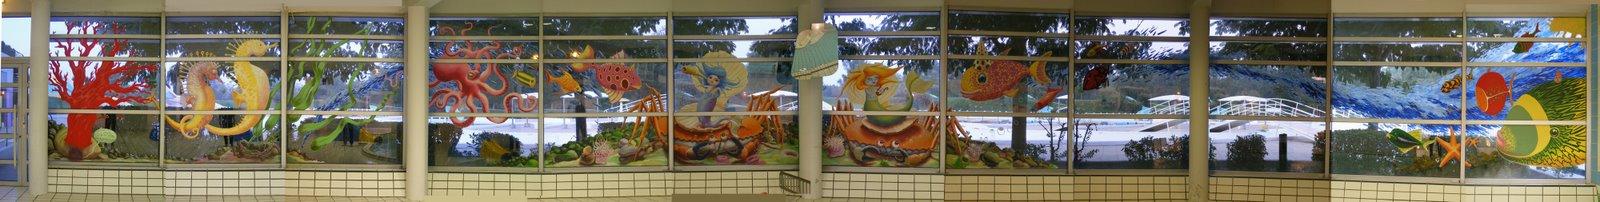 Richard lherbette artiste peintre en d cor depuis 2006 for Archipel piscine castres